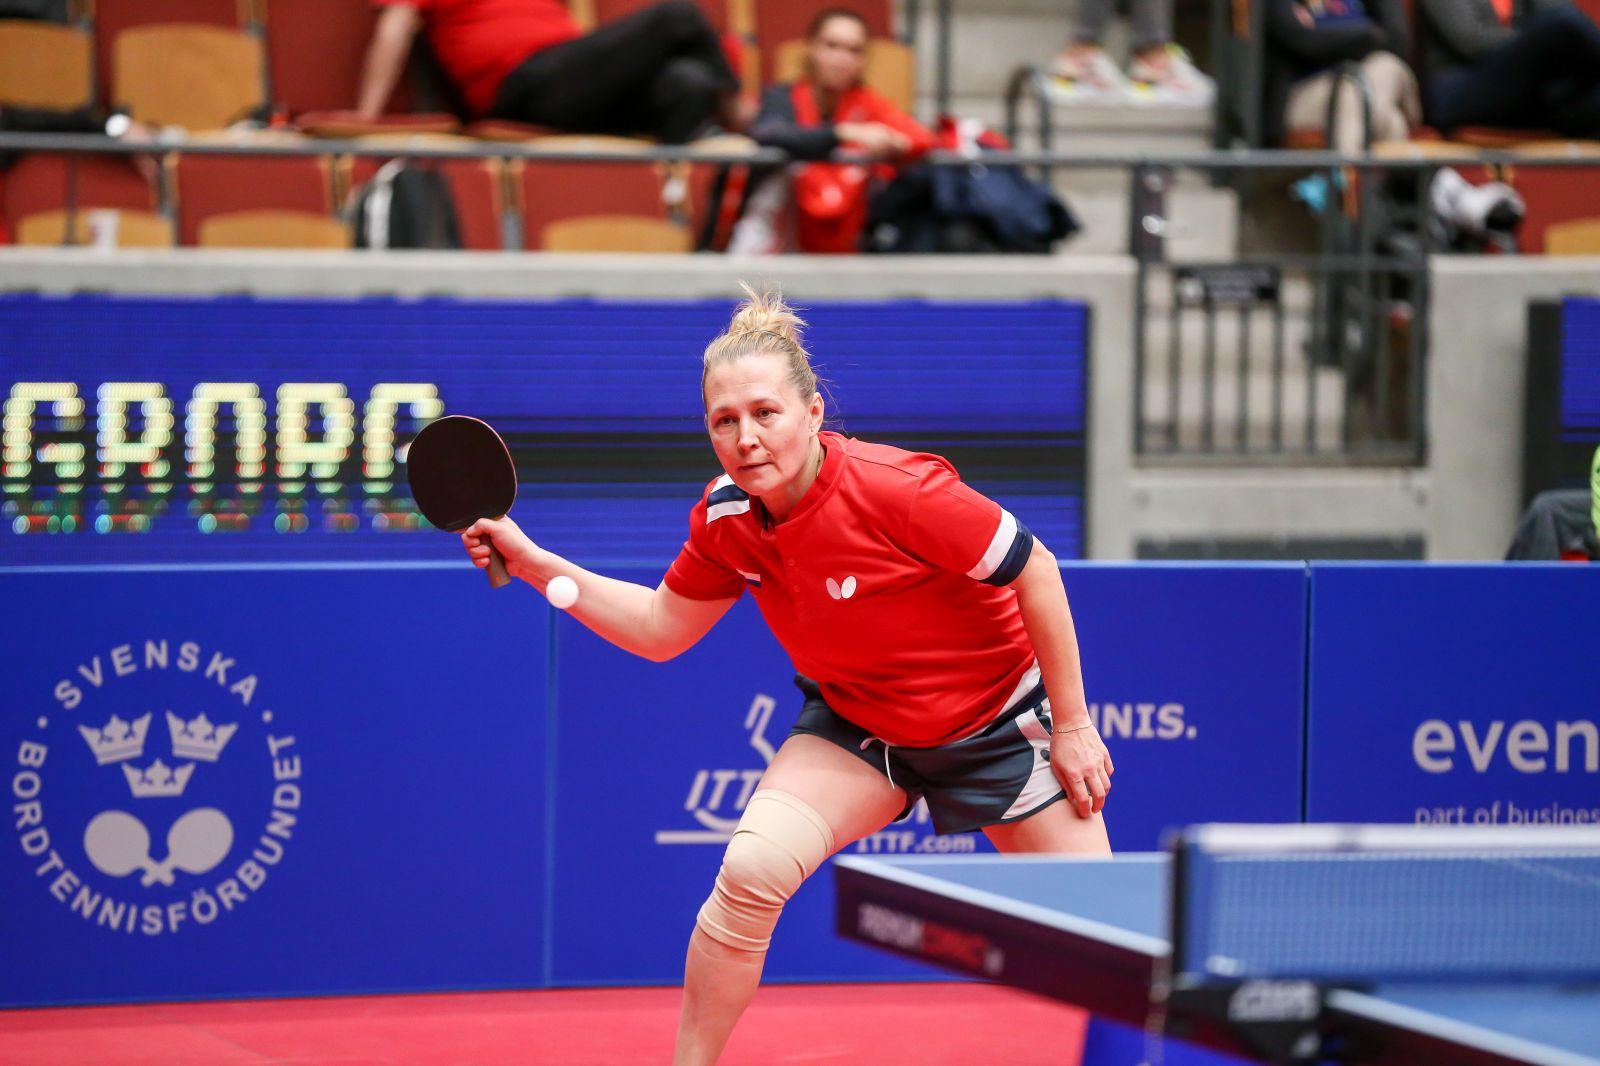 3 золотые и 9 бронзовых медалей завоевала сборная команда России на чемпионате Европы по настольному теннису спорта лиц с ПОДА и ИН в Швеции